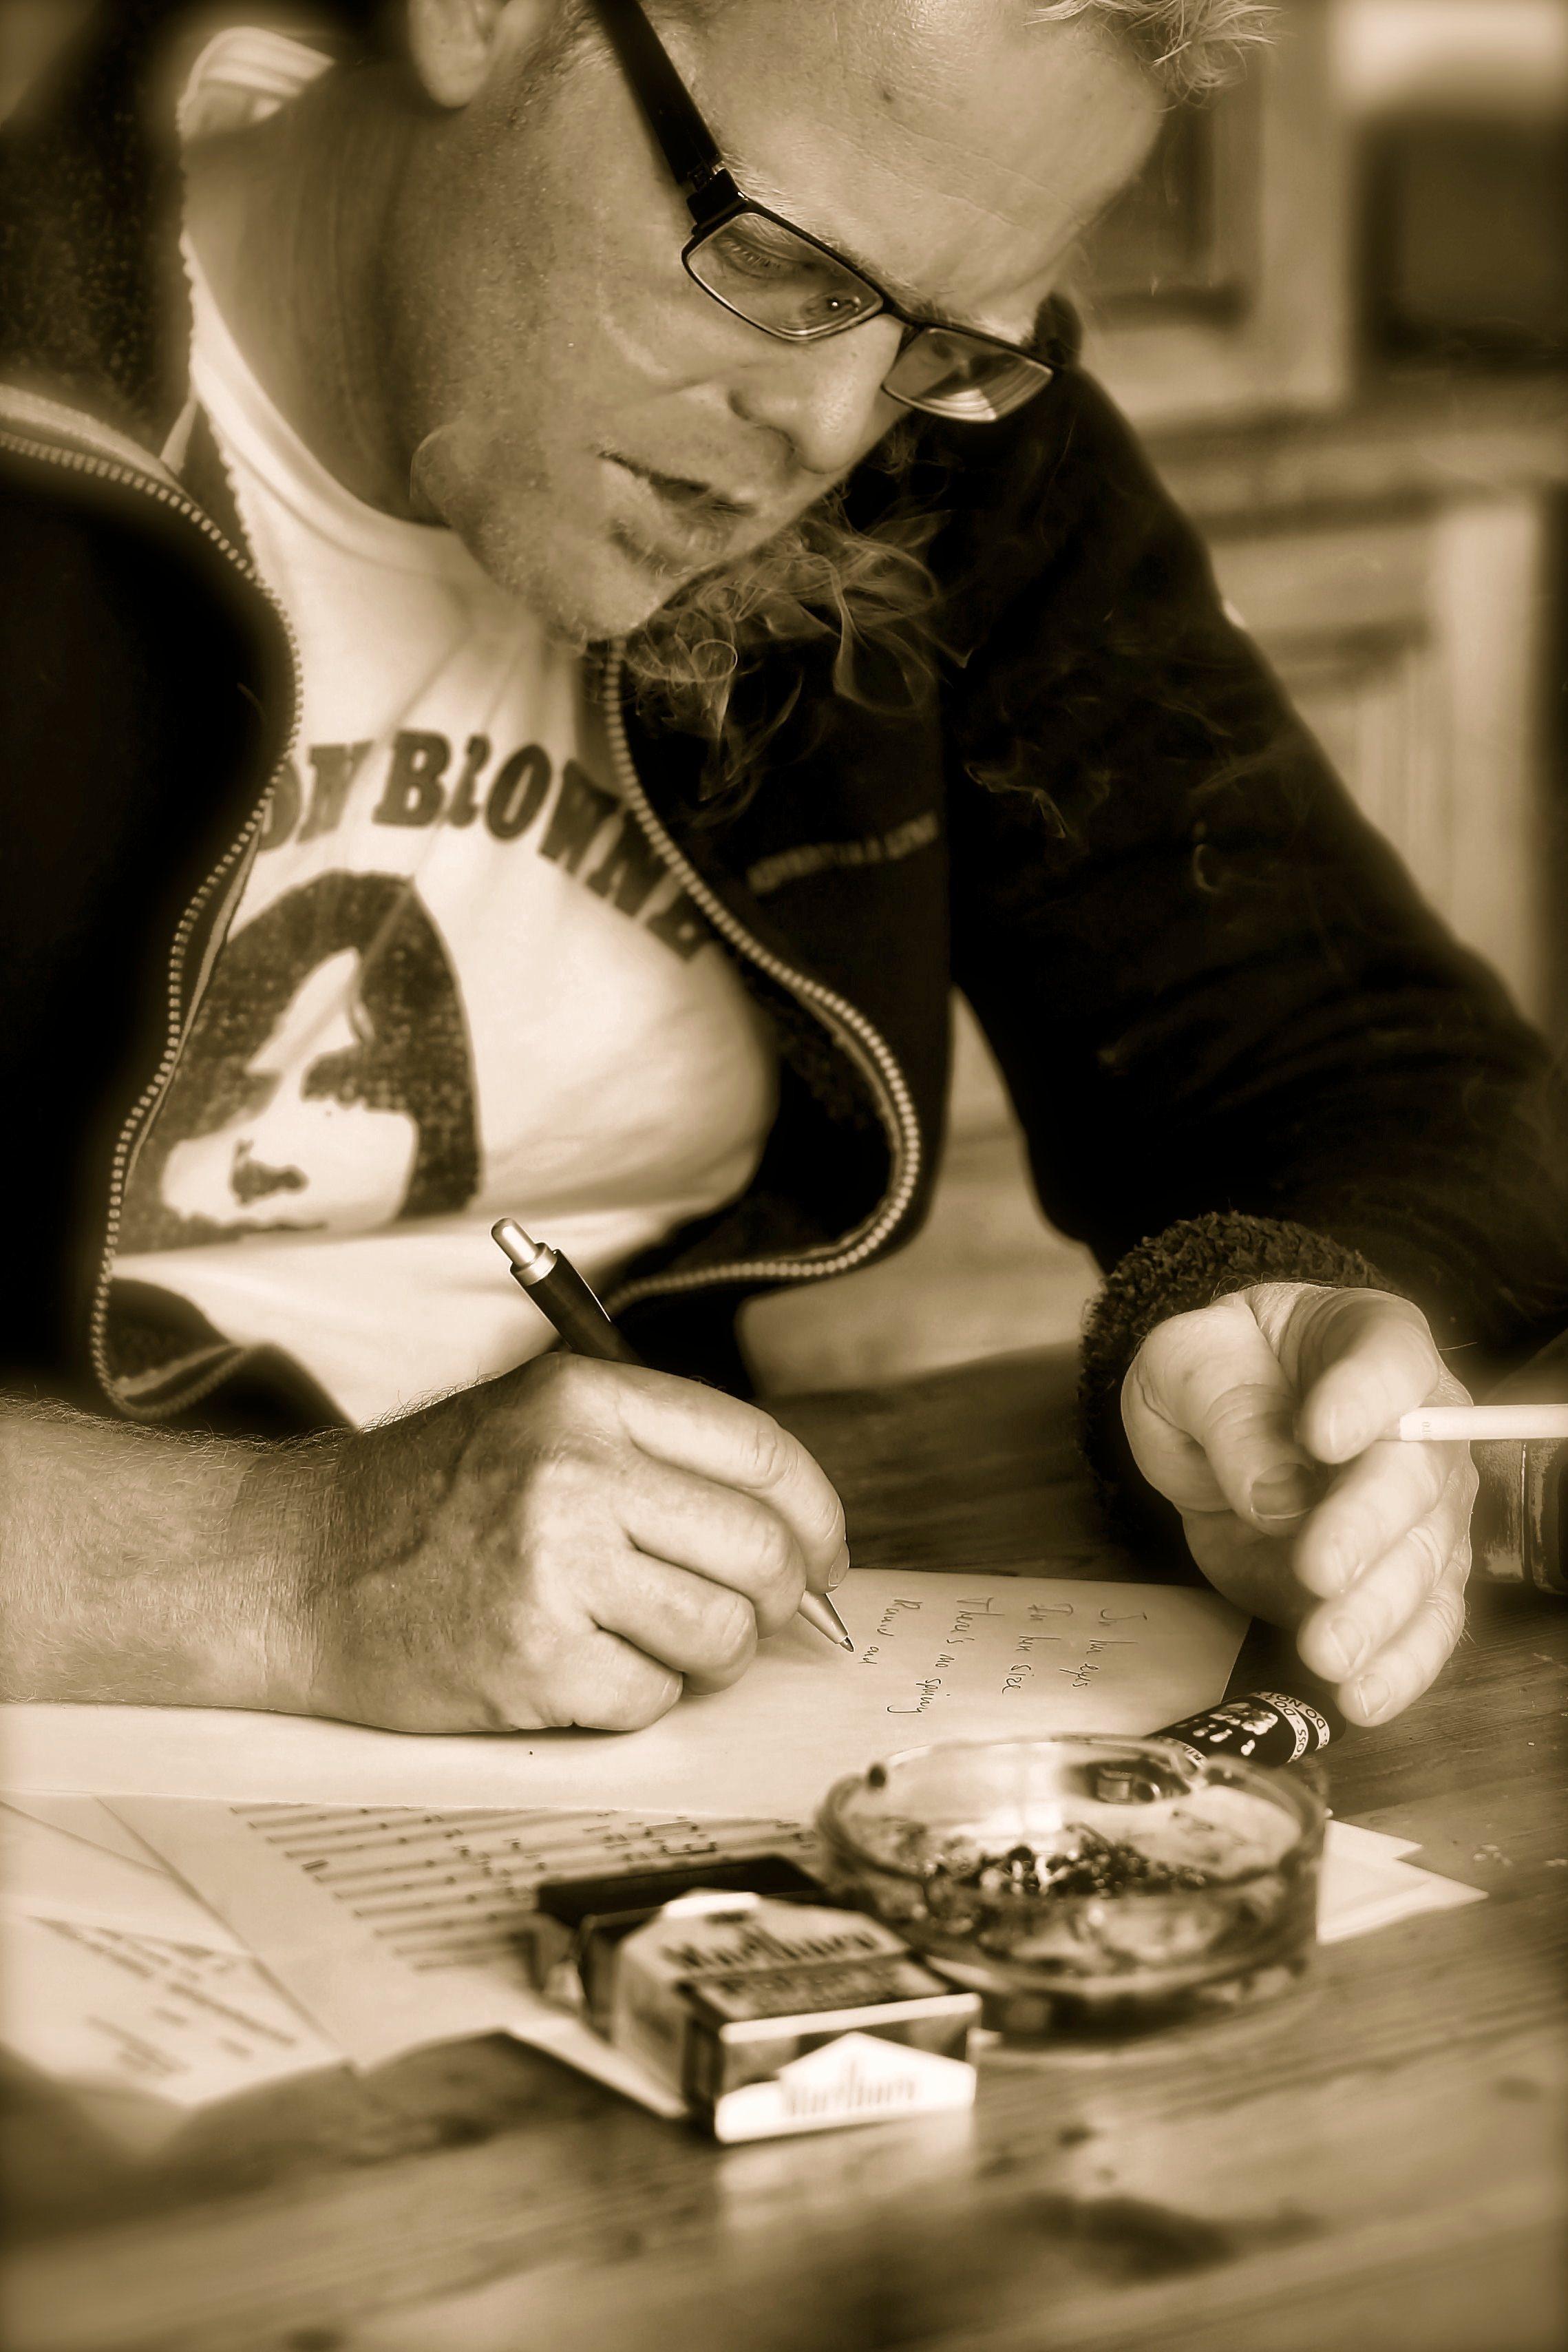 Merik Spitteler, tekst schrijven aan de keukentafel.